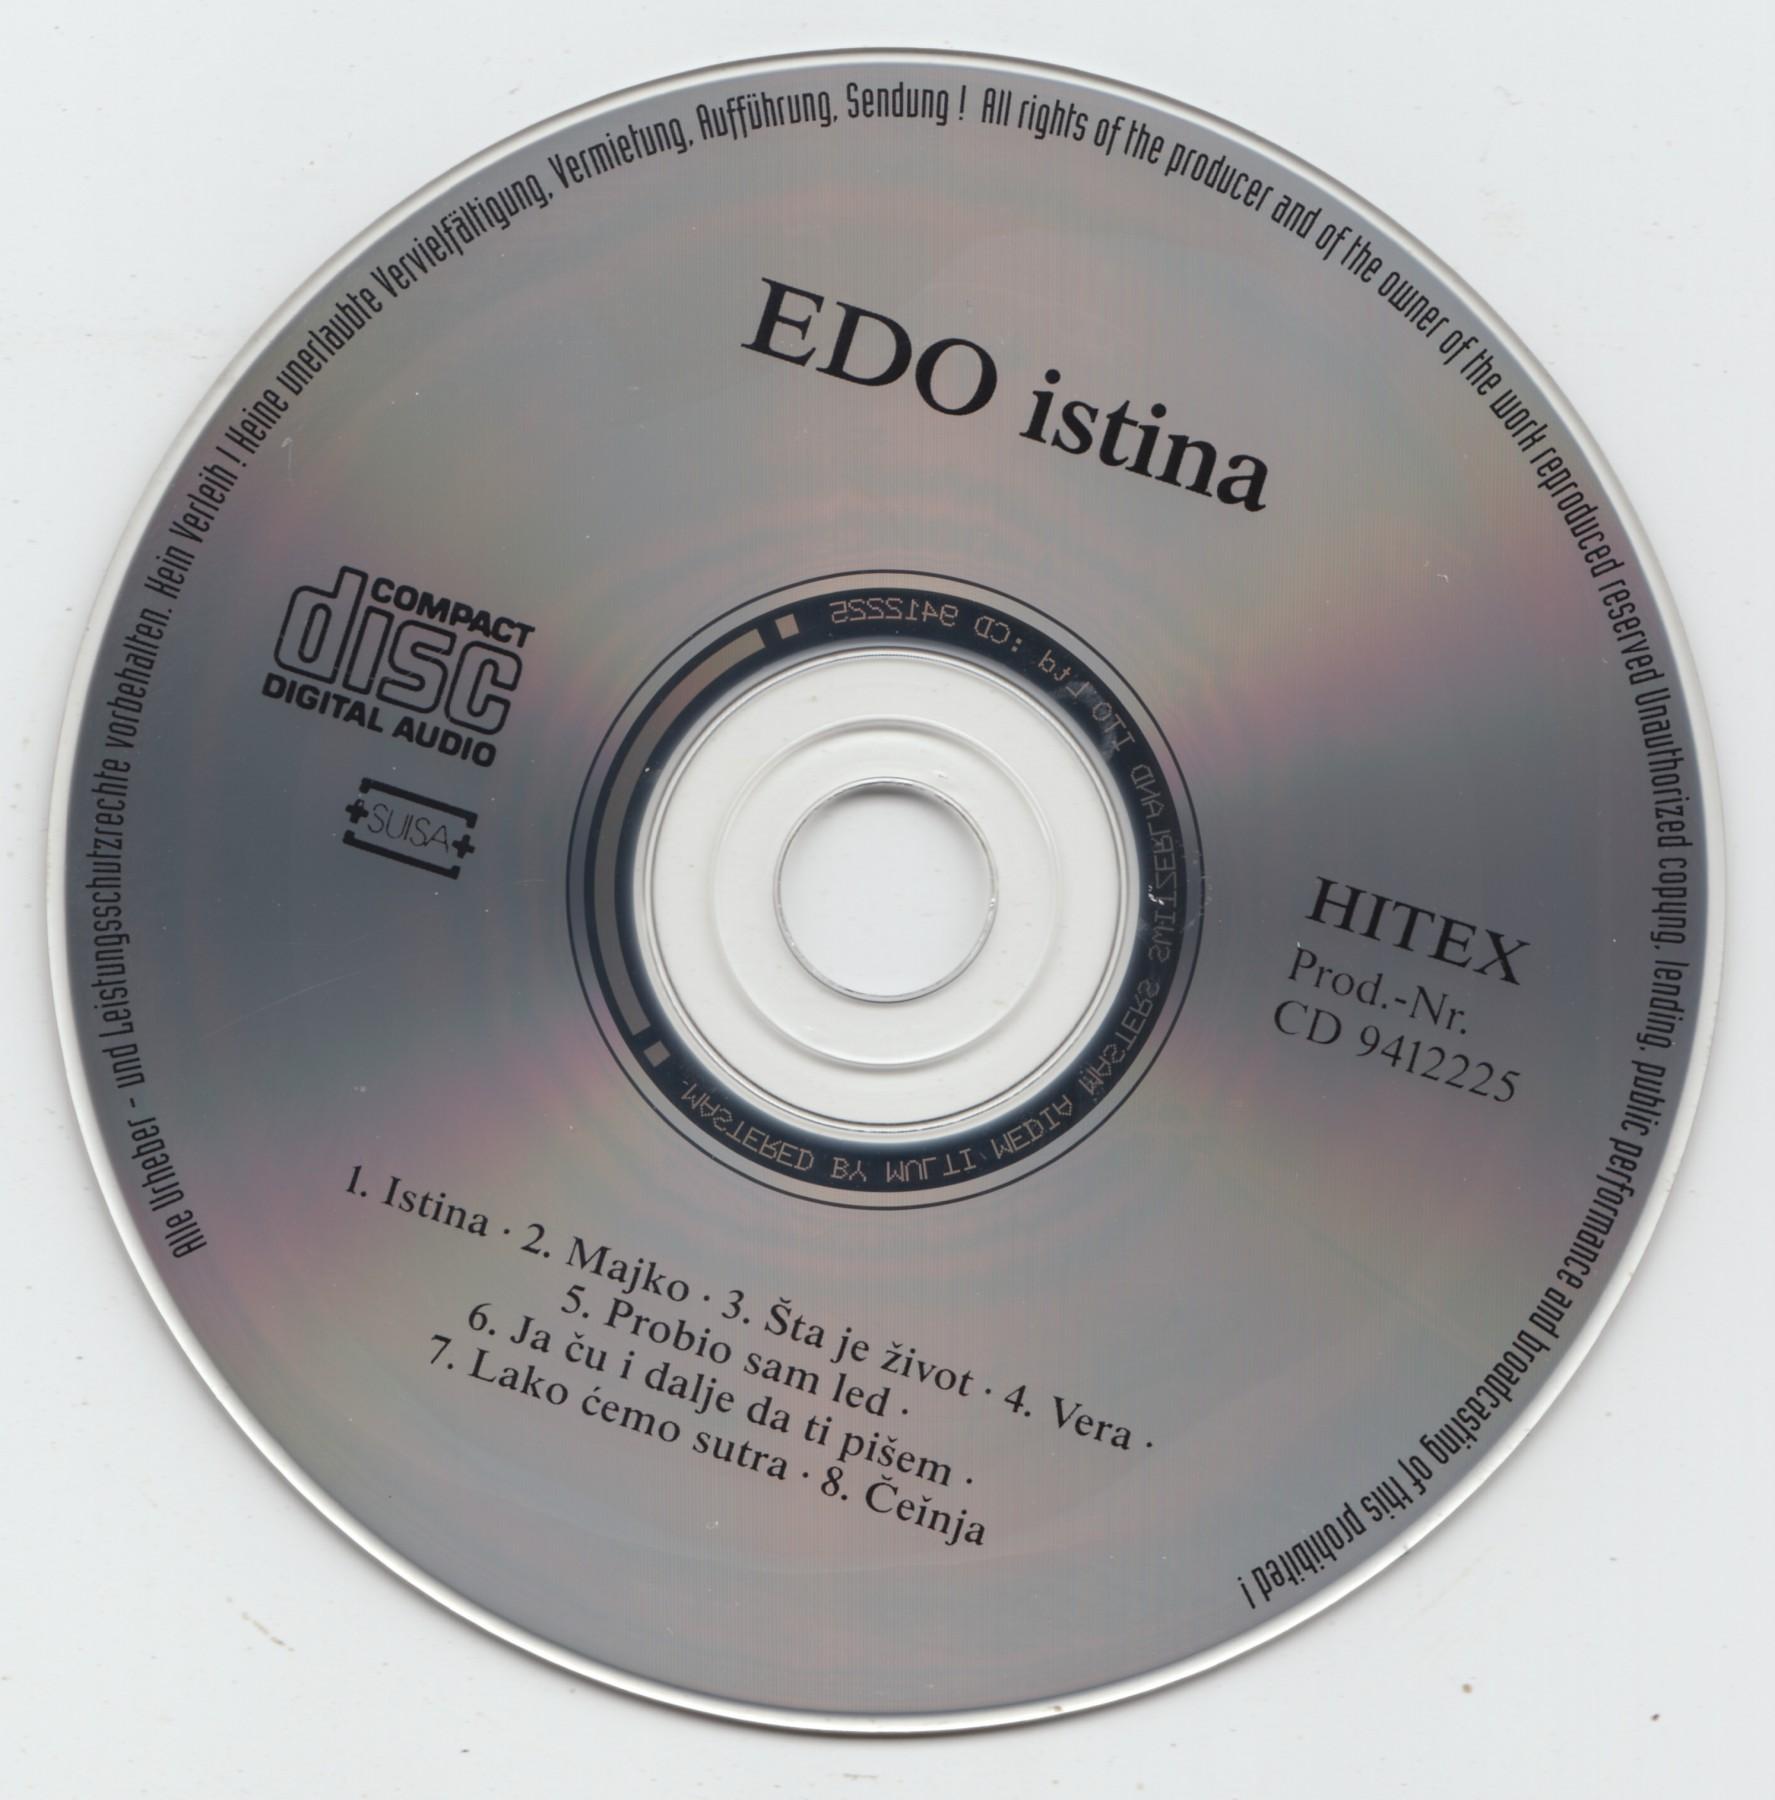 edo 1994 cd